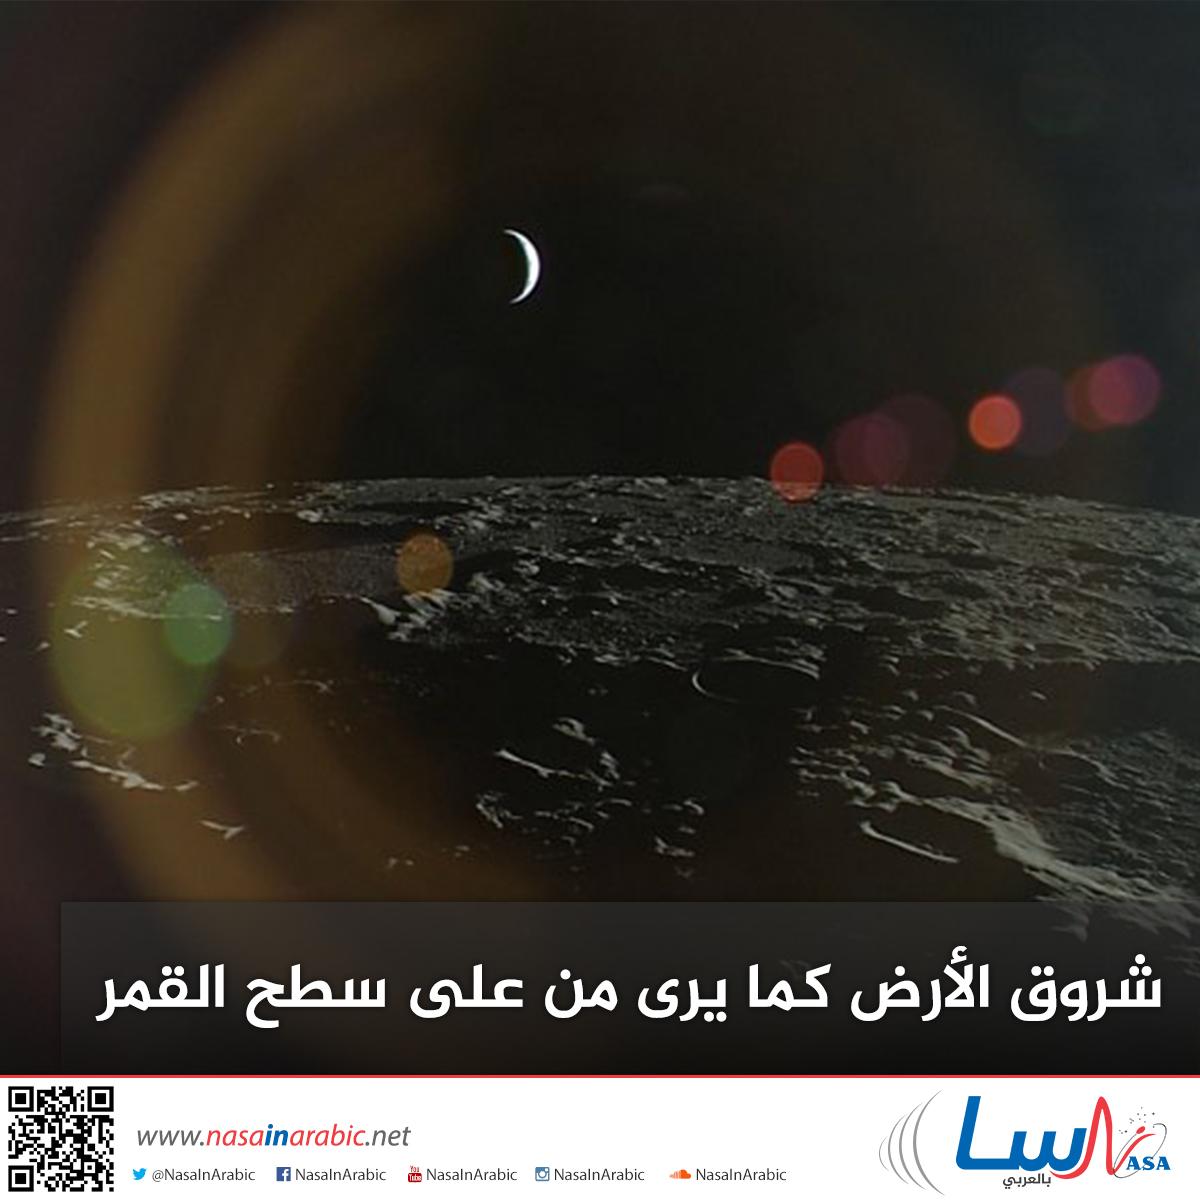 شروق الأرض كما يرى من على سطح القمر